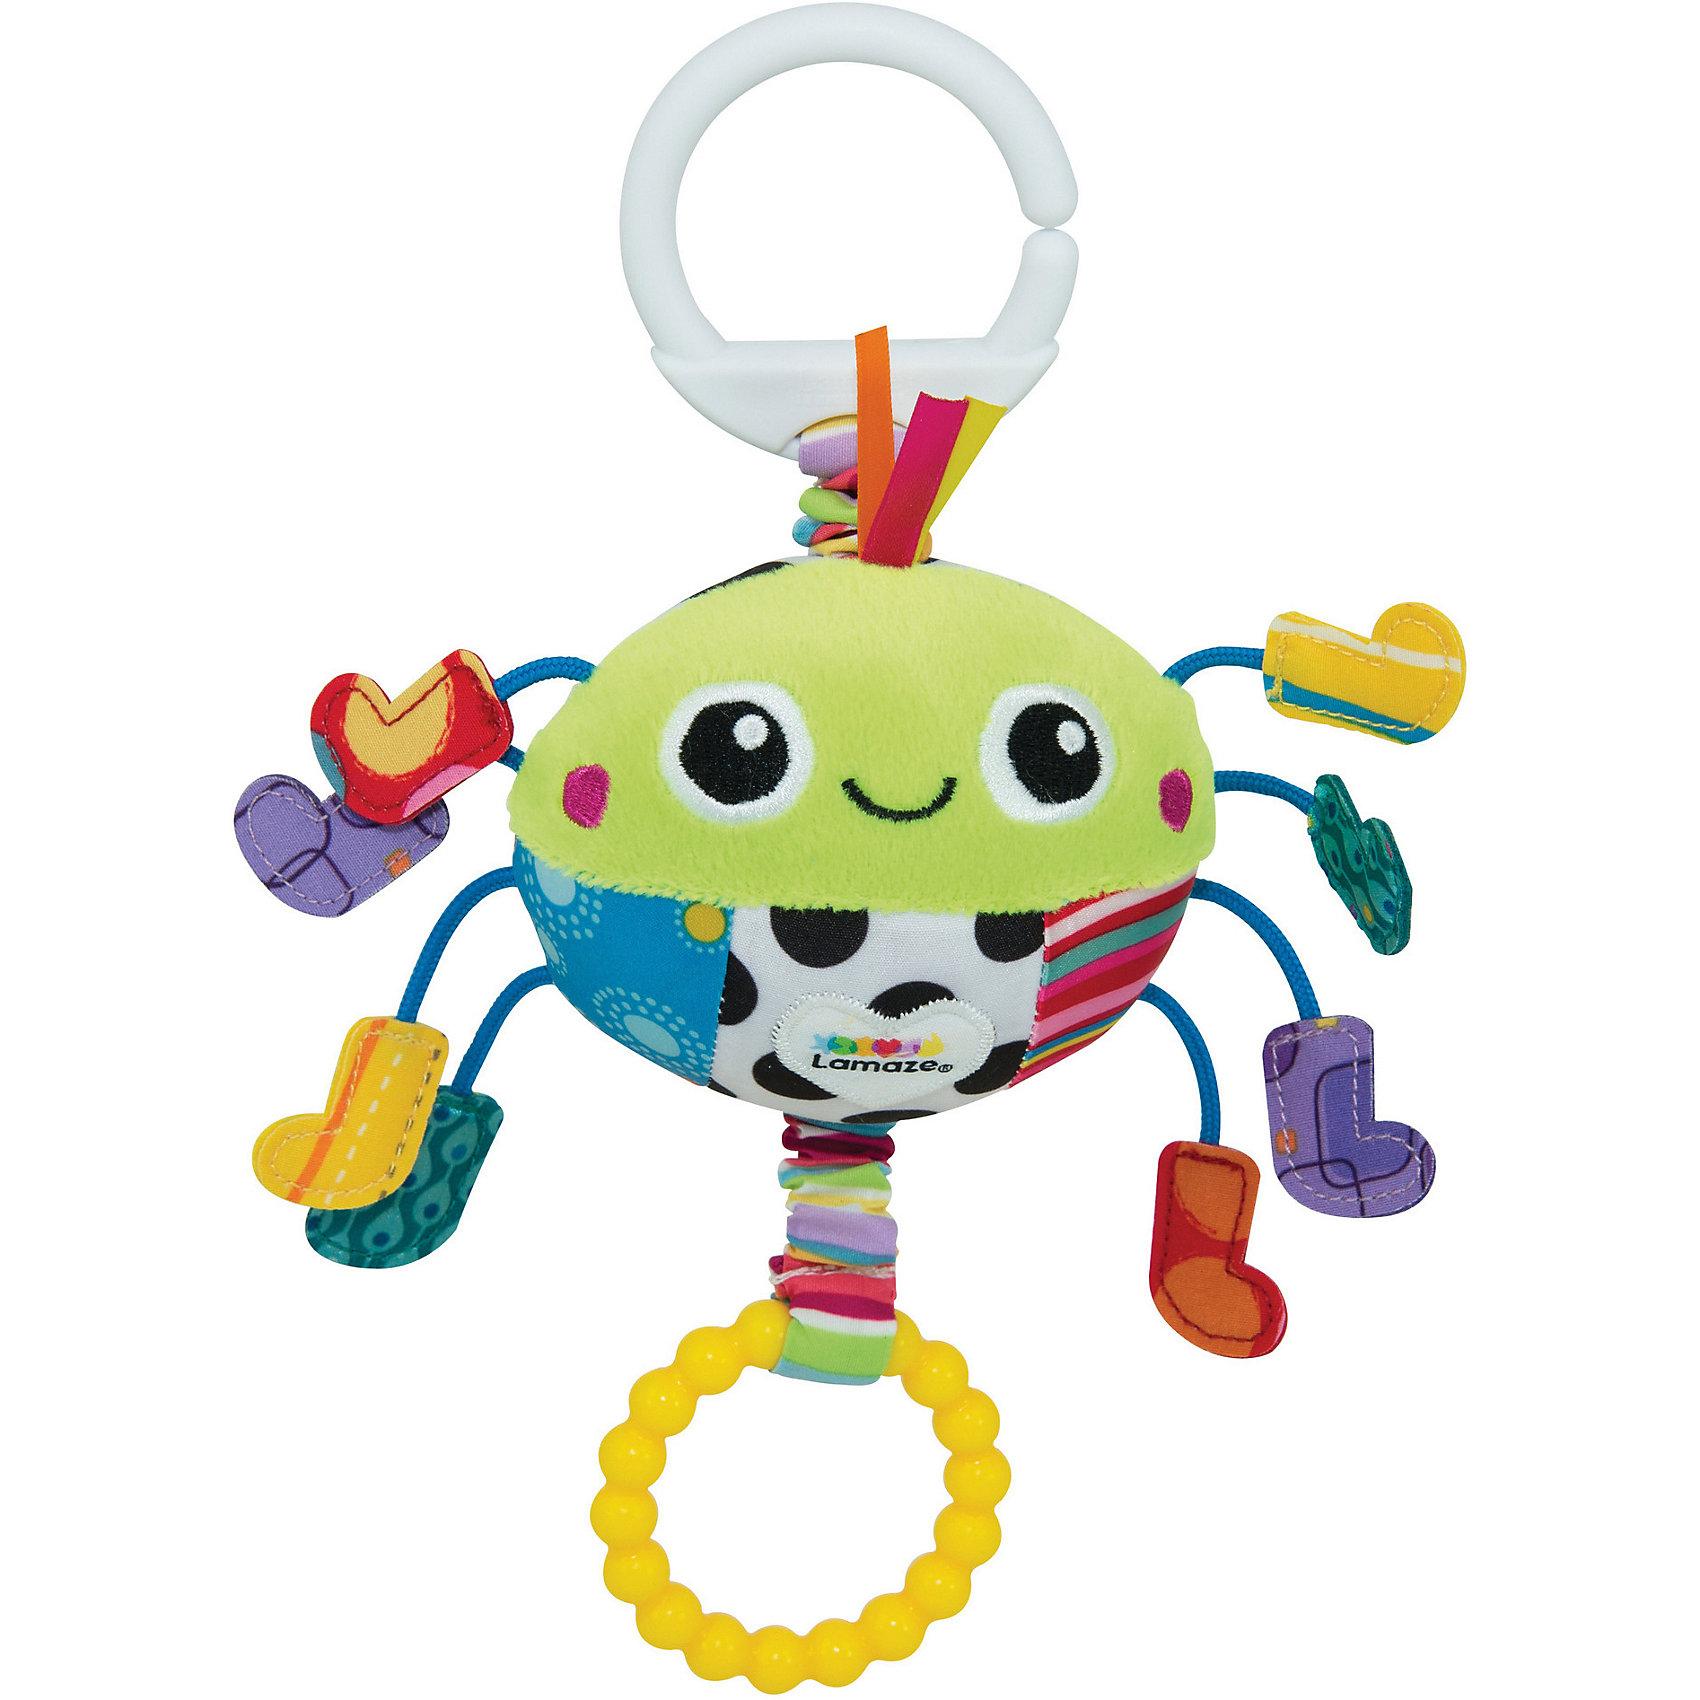 Подвеска Весёлый паучок, LamazeПодвески<br>Подвеска Весёлый паучок, Lamaze - забавная развивающая игрушка, которая обязательно привлечет внимание Вашего малыша. Милый веселый паучок выполнен в ярких разноцветных тонах, очень мягкий и приятный на ощупь. Материалы разной фактуры, контрастные цвета и лапки с шуршащими ботиночками стимулируют развитие тактильных и сенсорных навыков ребенка. Легкая конструкция и форма очень удобна для маленьких ручек малыша. Потяните паучка за желтое кольцо с радужной паутинкой и он будет вибрировать, слегка покачивая ножками.<br>Имеется кольцо для крепления к кроватке или коляске. Игрушка способствует развитию воображения и познавательной активности, учит причинно-следственным связям, тренирует мелкую моторику.<br><br>Дополнительная информация:<br><br>- Материал: текстиль, пластик.<br>- Размер игрушки: 3 x 15,2 x 12,7 см.<br>- Вес: 0,454 кг.<br><br>Подвеску Весёлый паучок, Lamaze, можно купить в нашем интернет-магазине.<br><br>Ширина мм: 275<br>Глубина мм: 156<br>Высота мм: 71<br>Вес г: 90<br>Возраст от месяцев: 0<br>Возраст до месяцев: 18<br>Пол: Унисекс<br>Возраст: Детский<br>SKU: 3965939